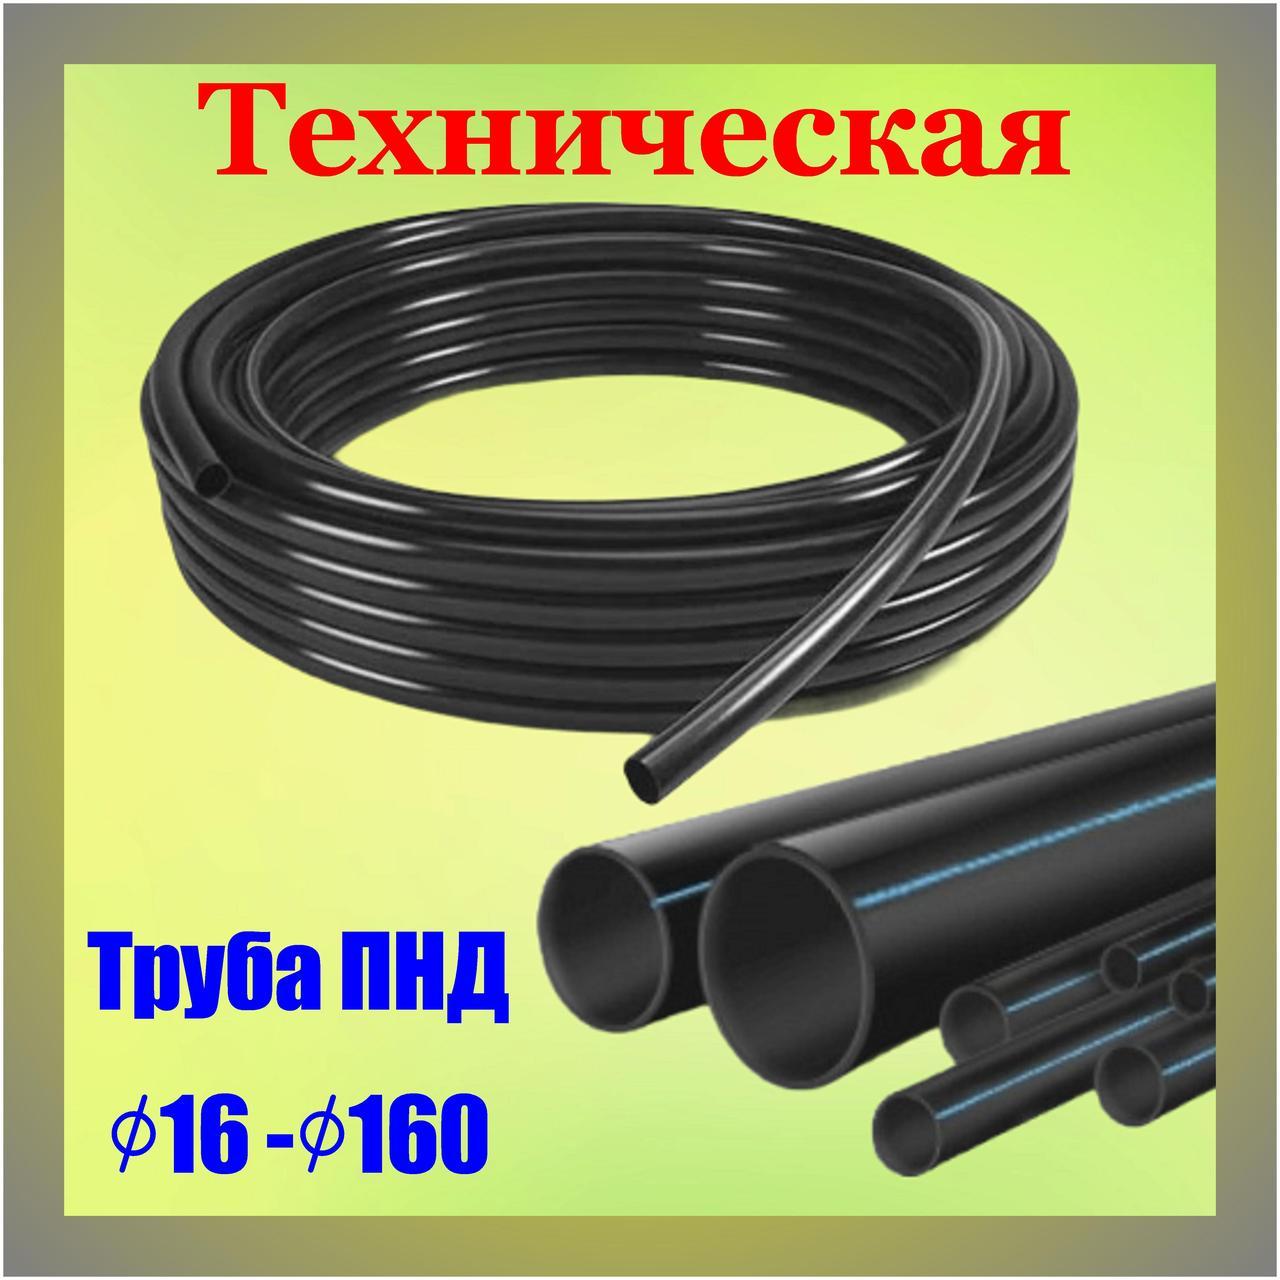 Труба ПНД 125 мм техническая